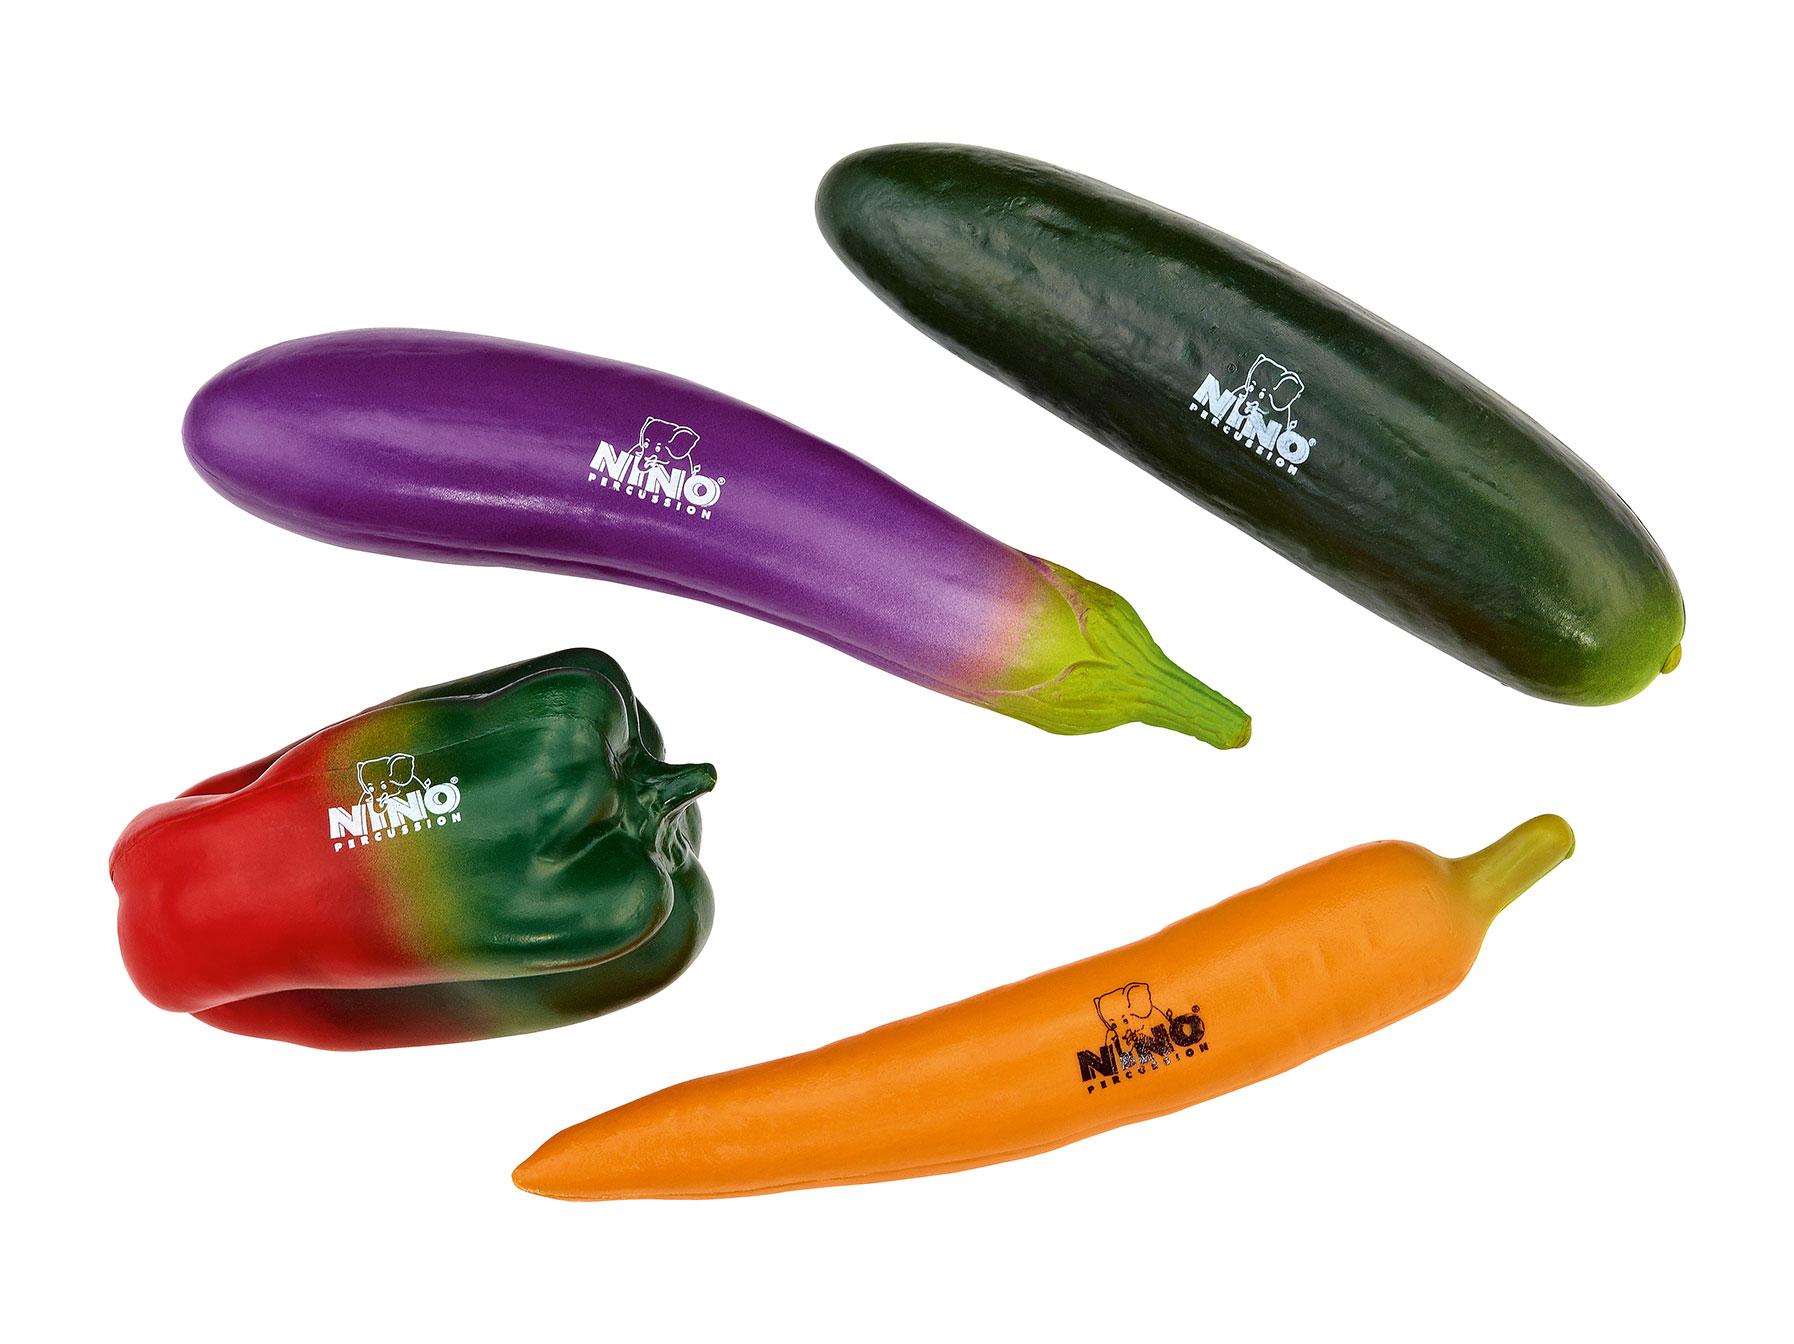 Billede af Rasle grøntsagspakke